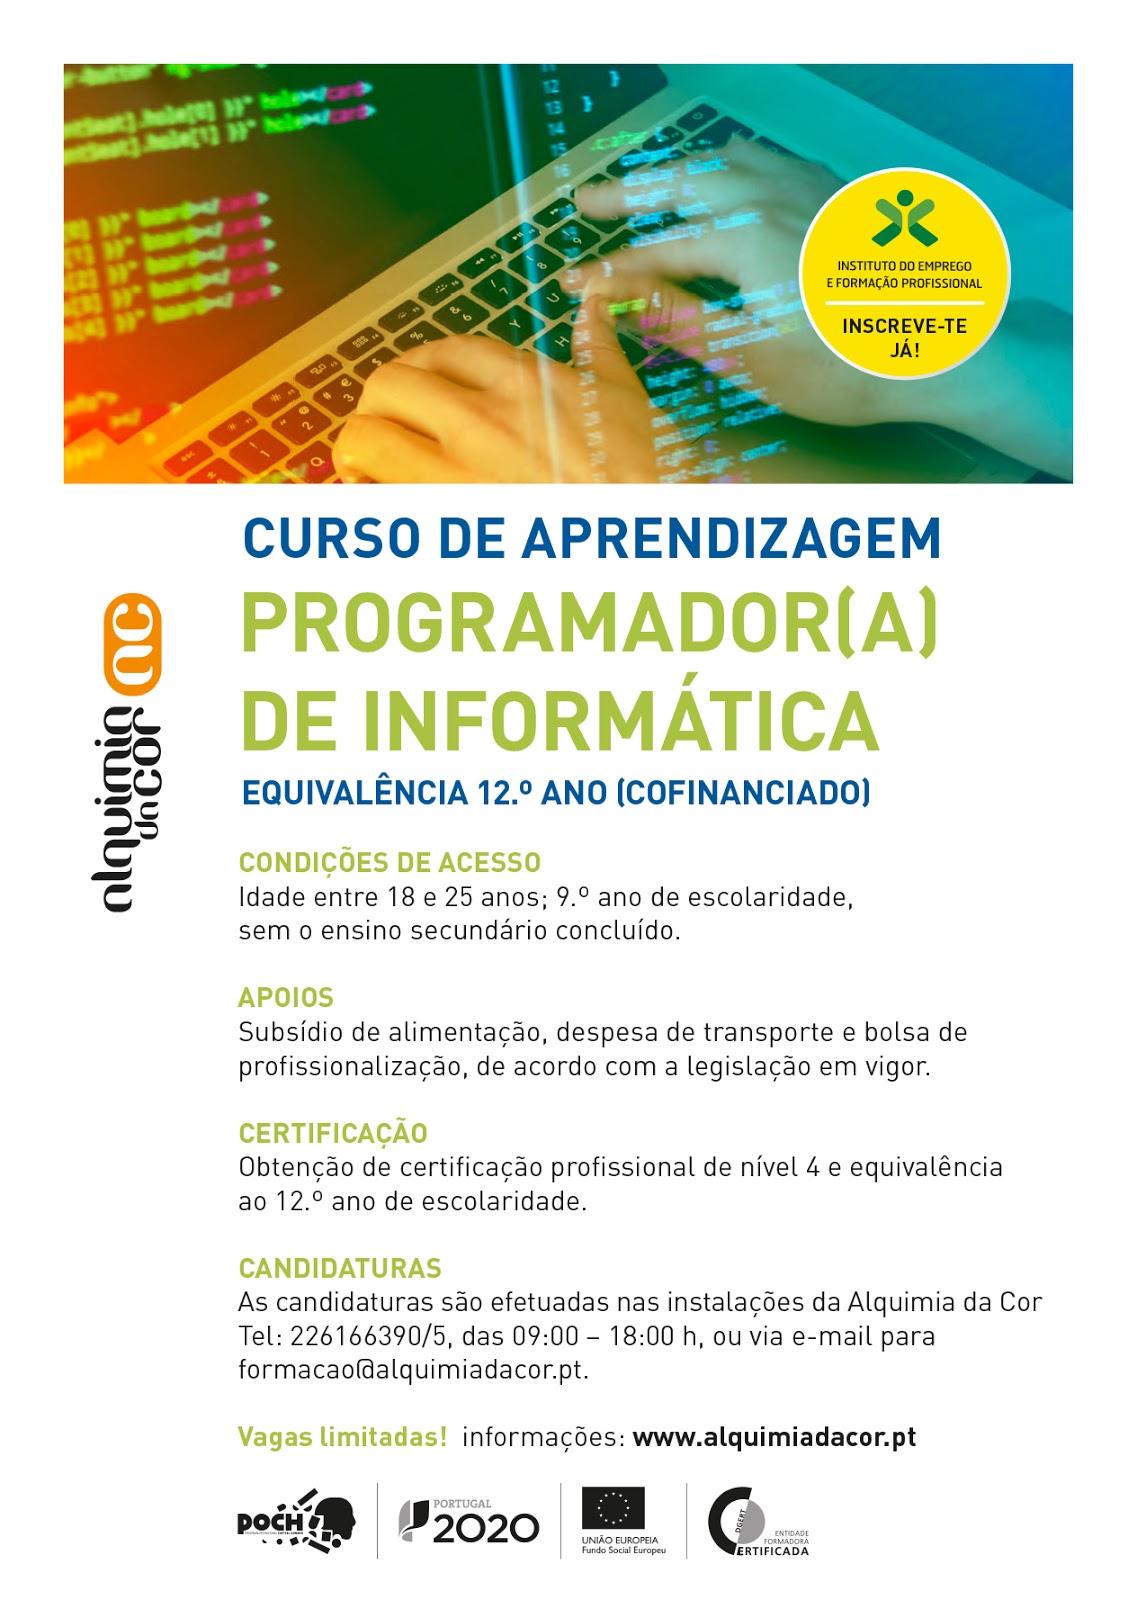 curso de aprendizagem de programador de informática no Porto